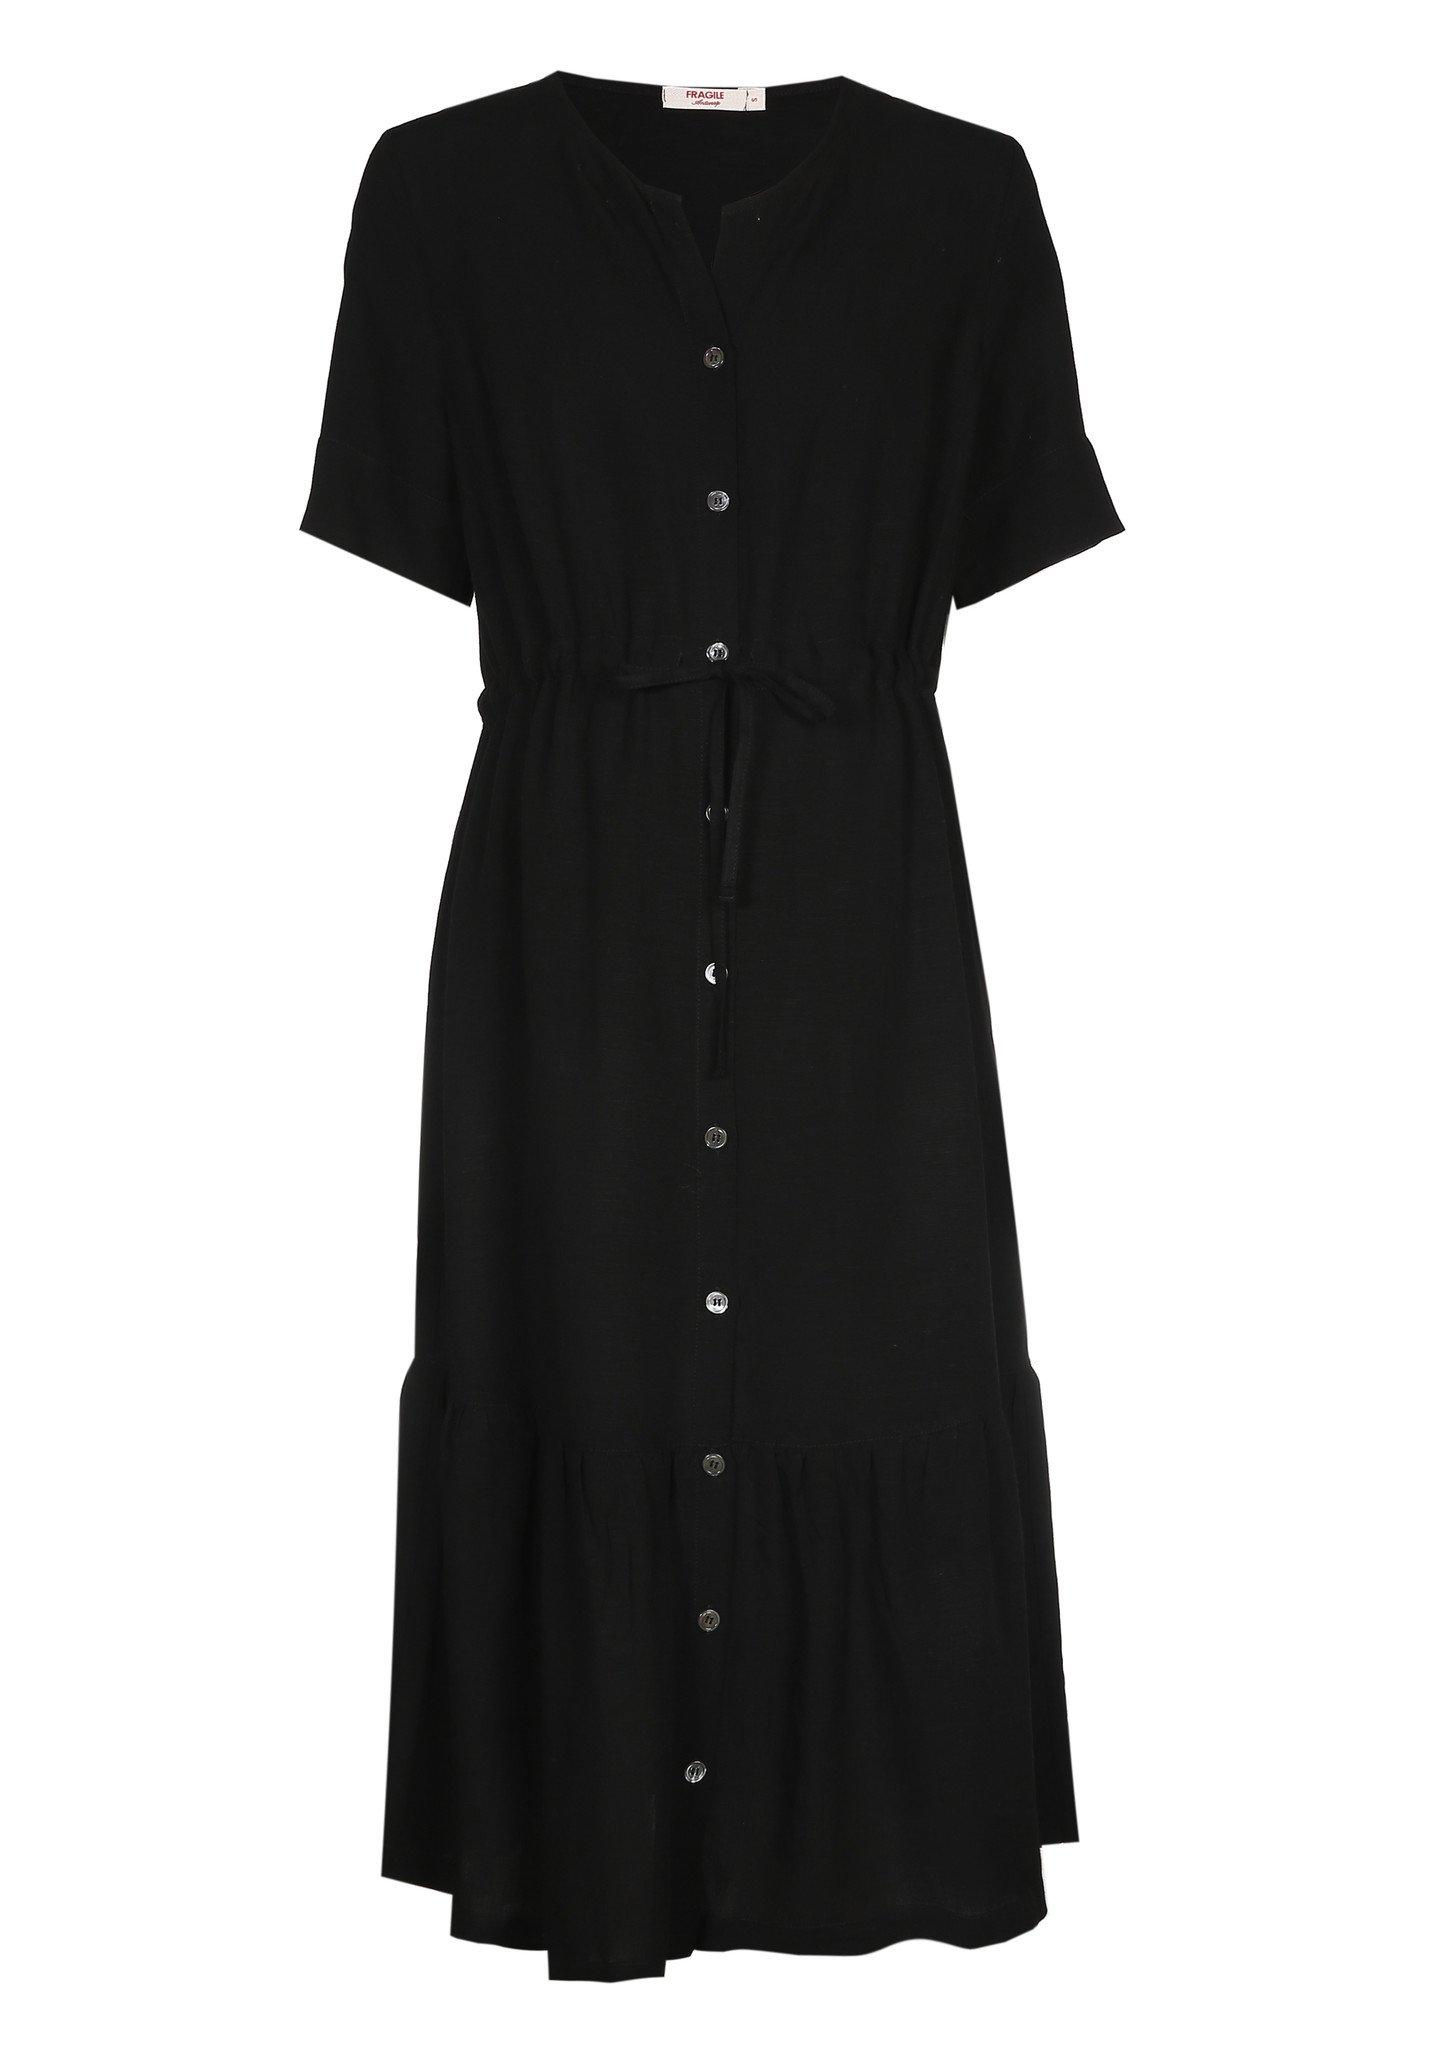 Ruffle dress - black light linen-1